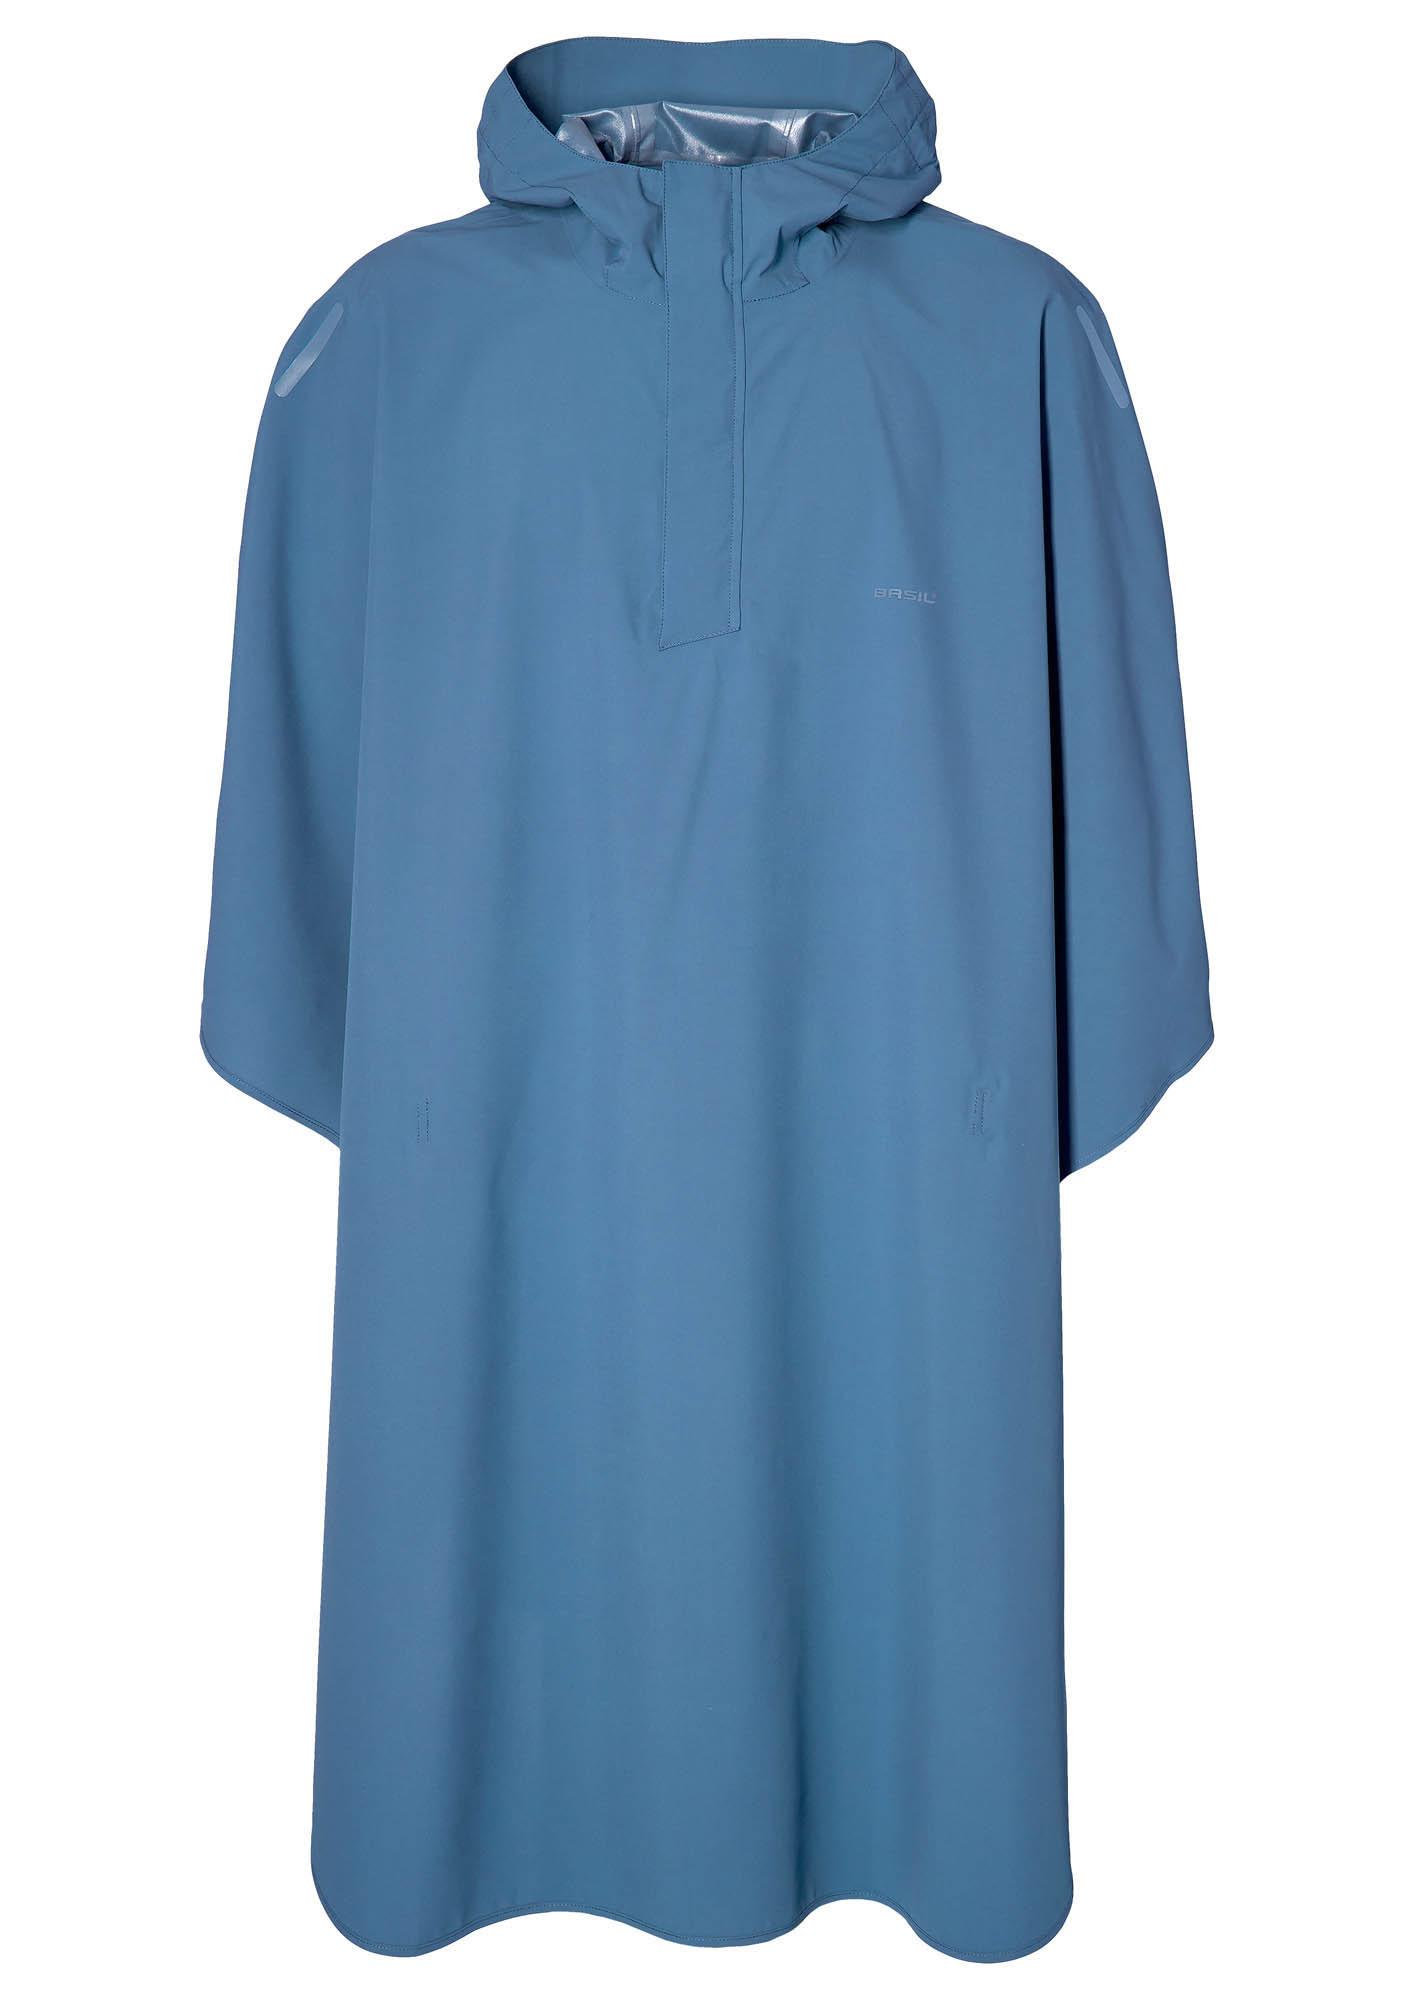 Basil Hoga Regenponcho Unisex blue